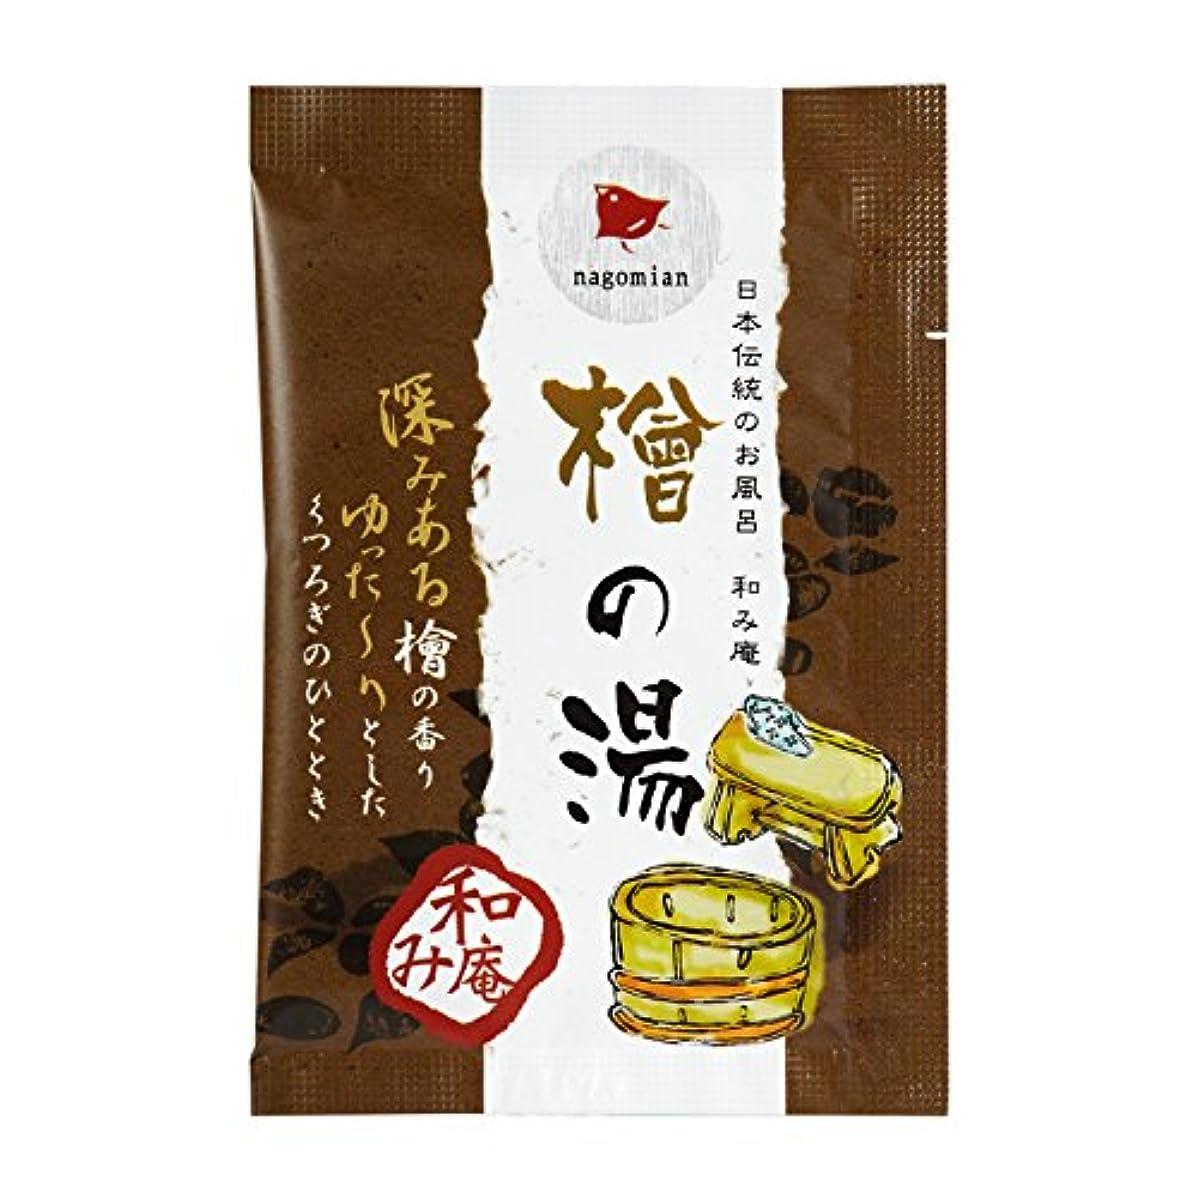 甘くする太い記憶に残る和み庵 檜の湯 25g 40個